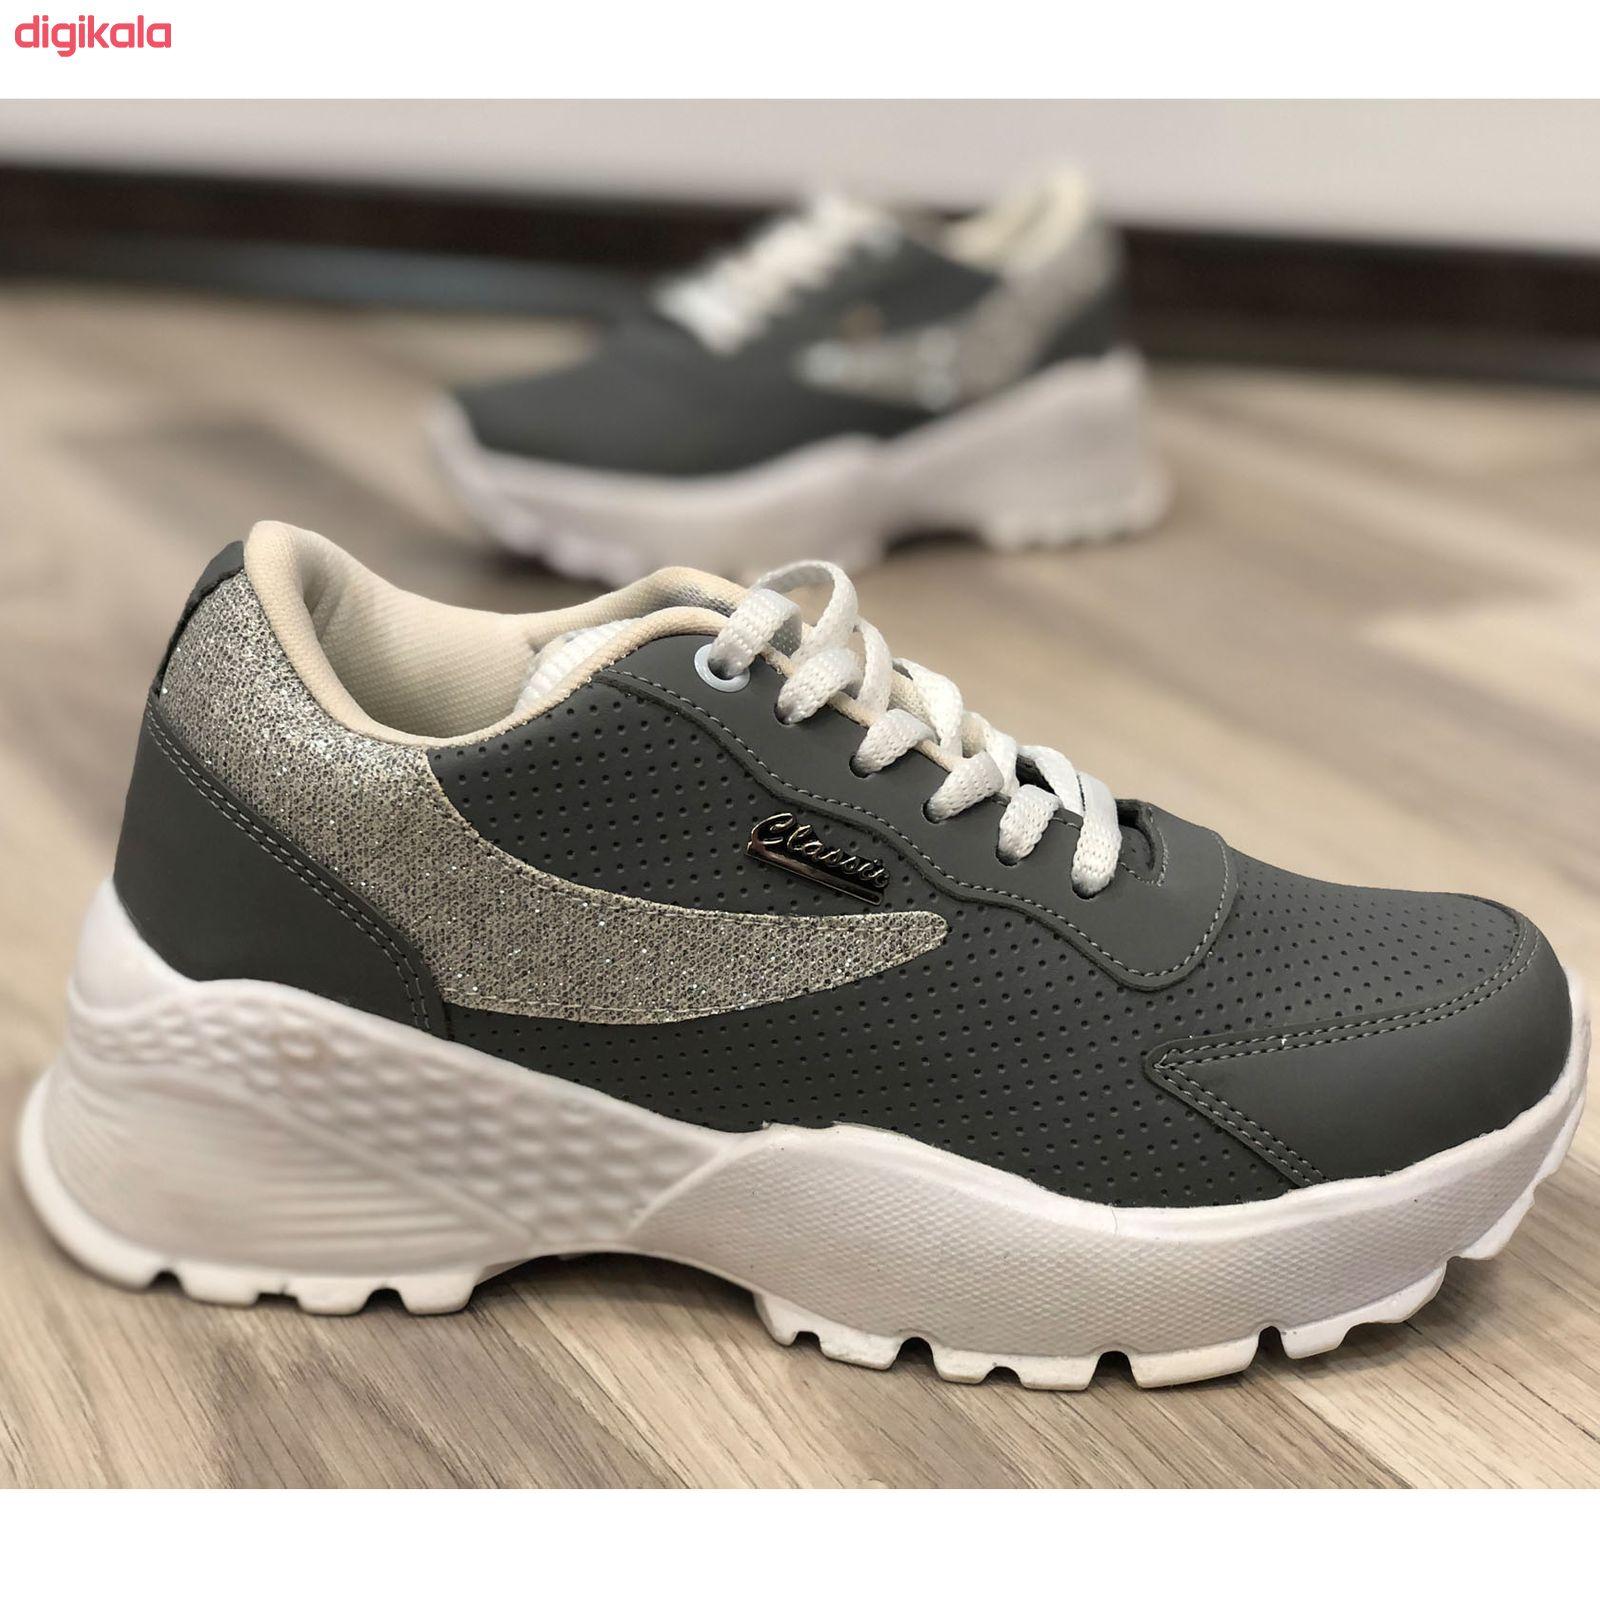 کفش مخصوص پیاده روی زنانه کد Go321 main 1 6